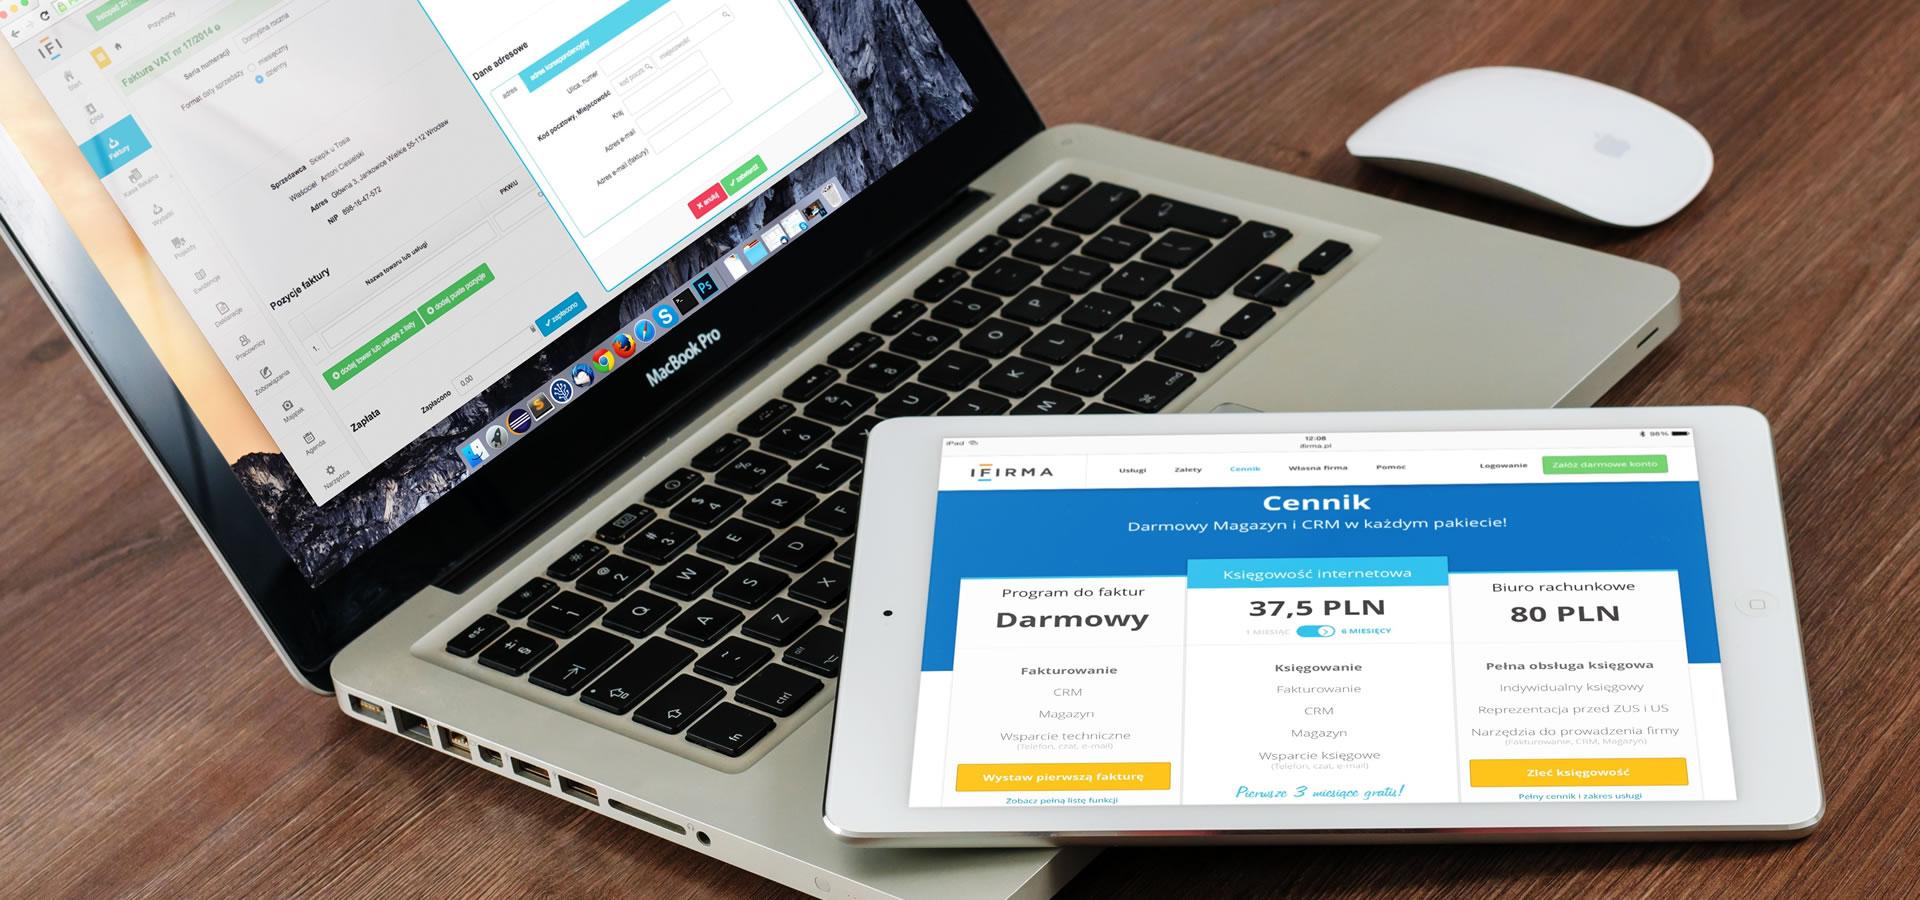 Diseño de <span>páginas web</span>